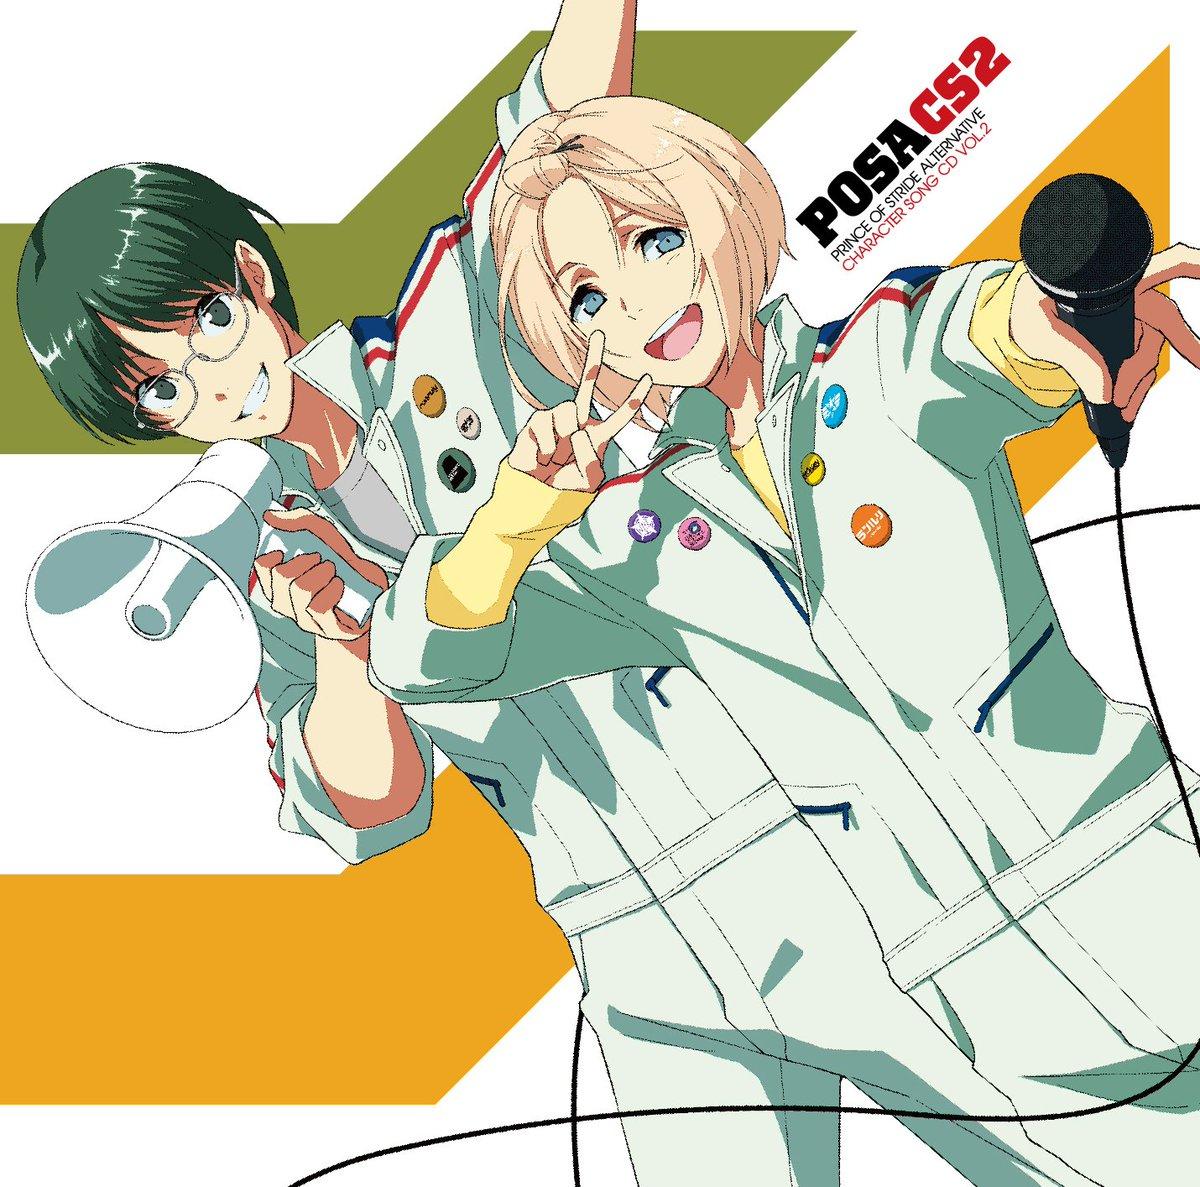 【11月30日発売】キャラクターソングCD vol.2!!①「Run on the Planet」 歌:小日向穂積(CV